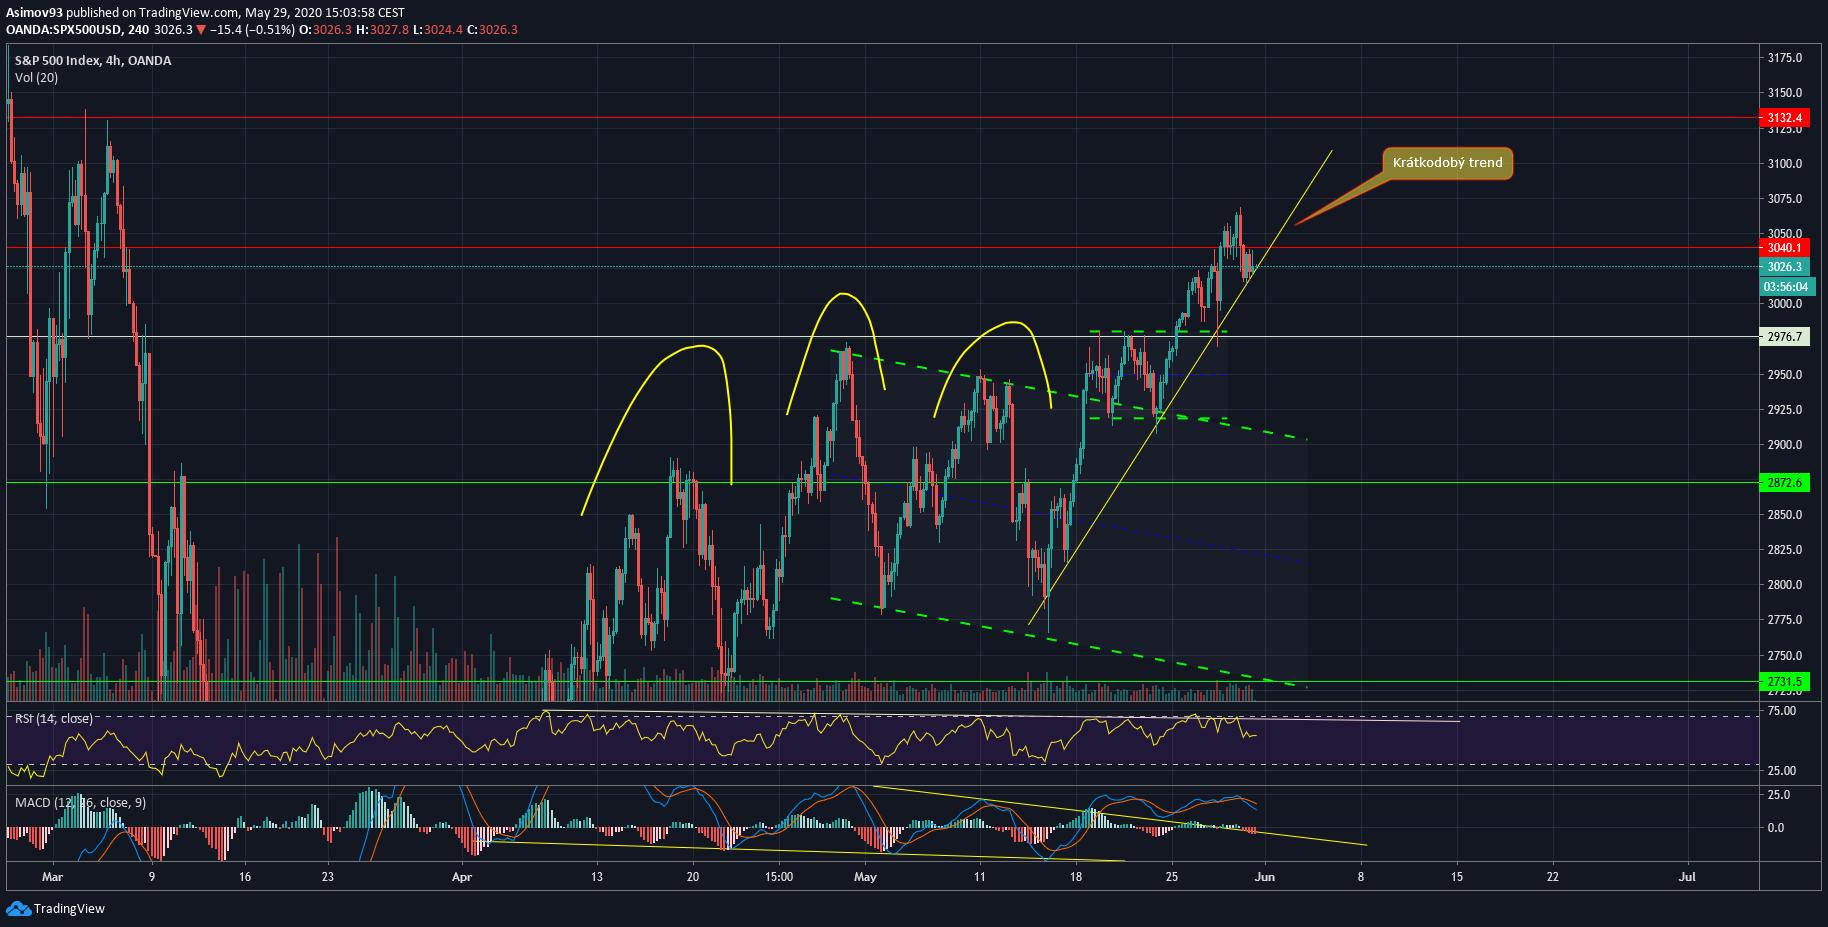 analýza S&P 500